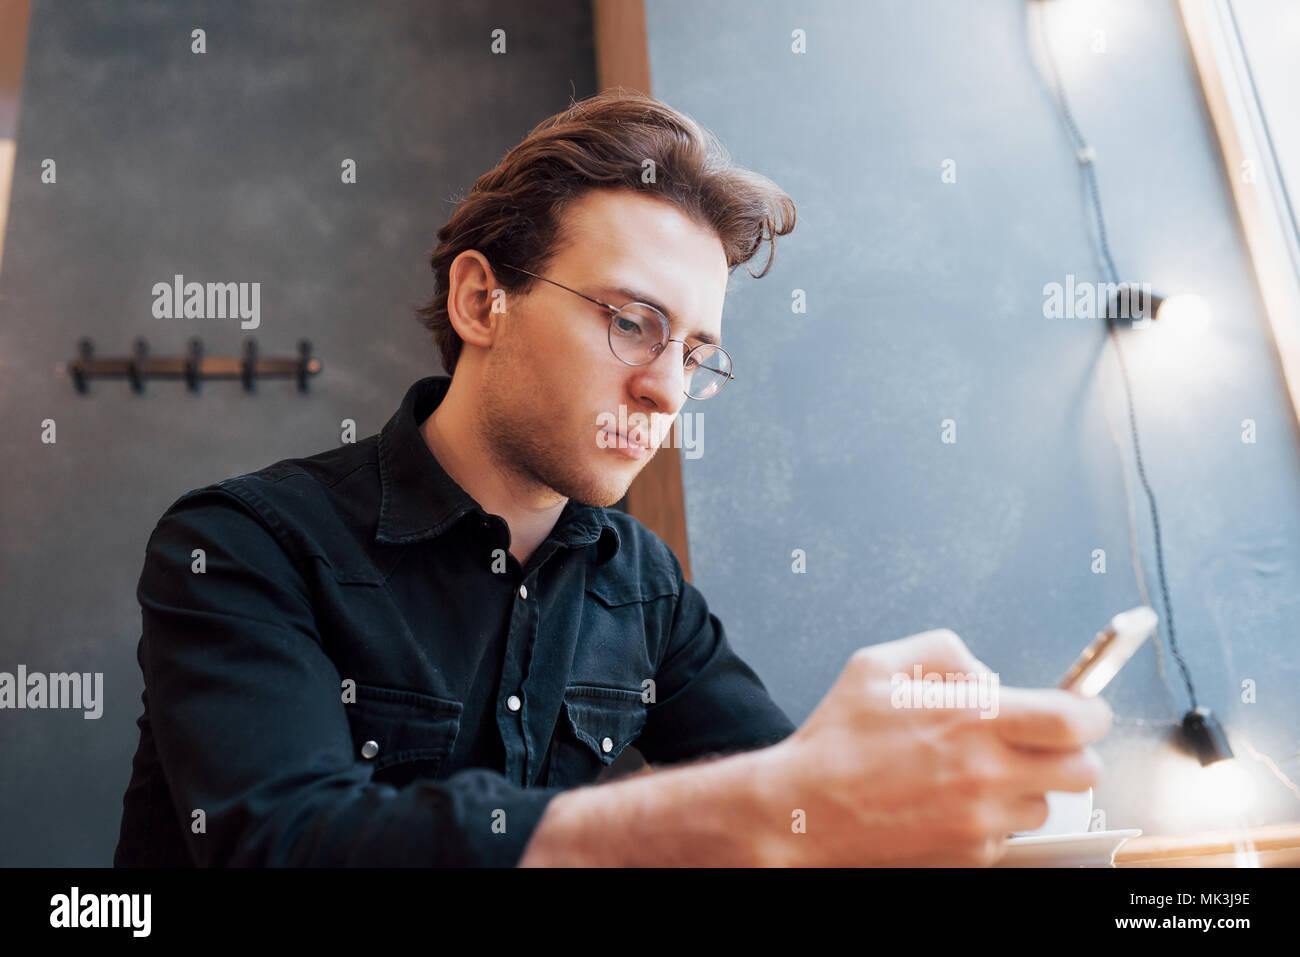 Ritratto bello uomo barbuto cuffie guardando un video telefono mobile moderno studio loft.uomo seduto nella sedia d'epoca,tenendo lo smartphone e rilassante.orizzontale, film, effetto bokeh di fondo Immagini Stock